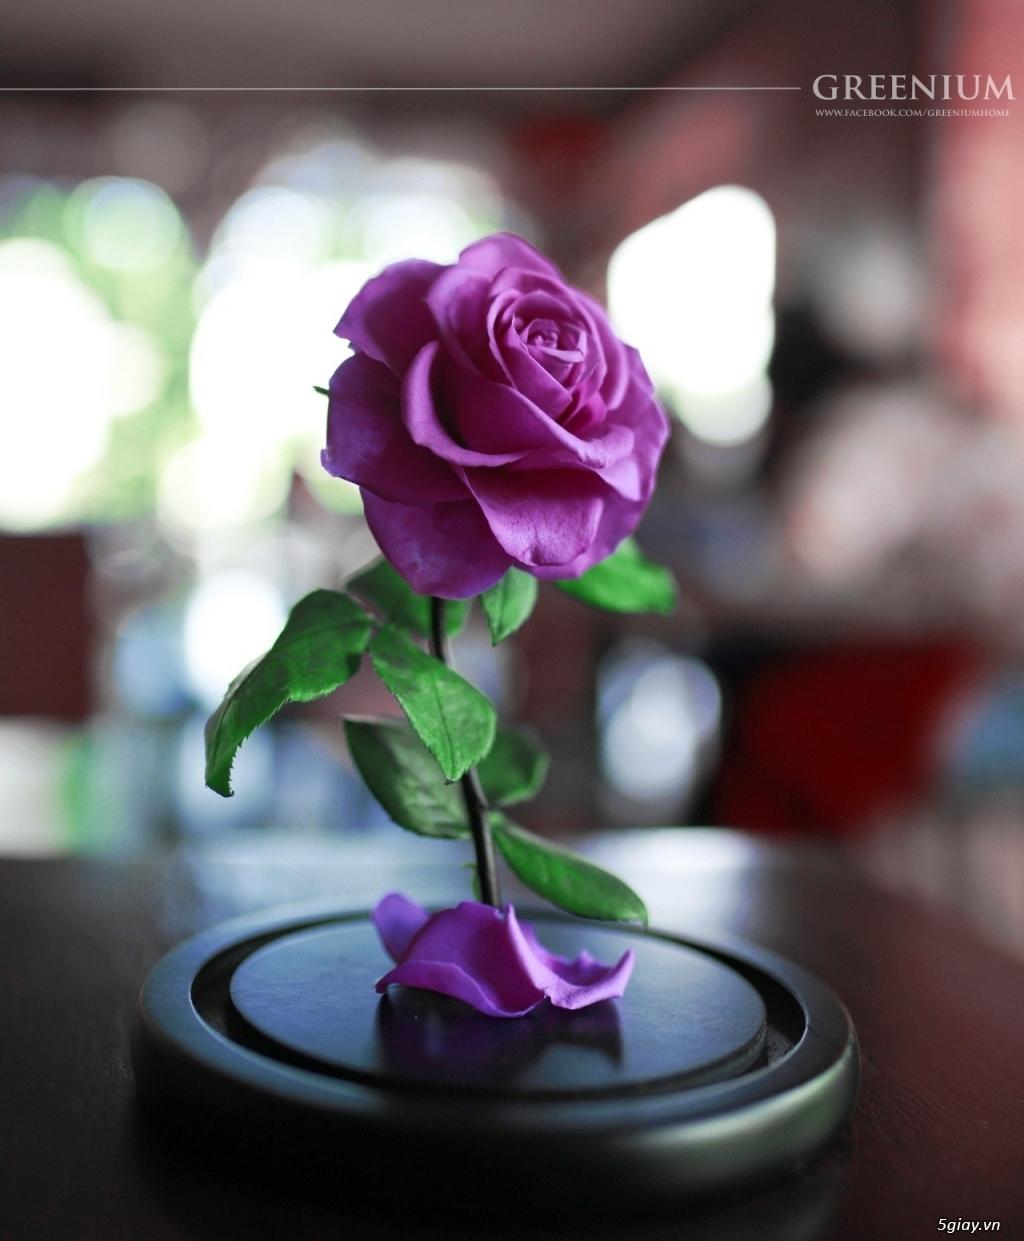 HCM - Hoa hồng vĩnh cữu đặt trong lọ kính cực kỳ sang trọng